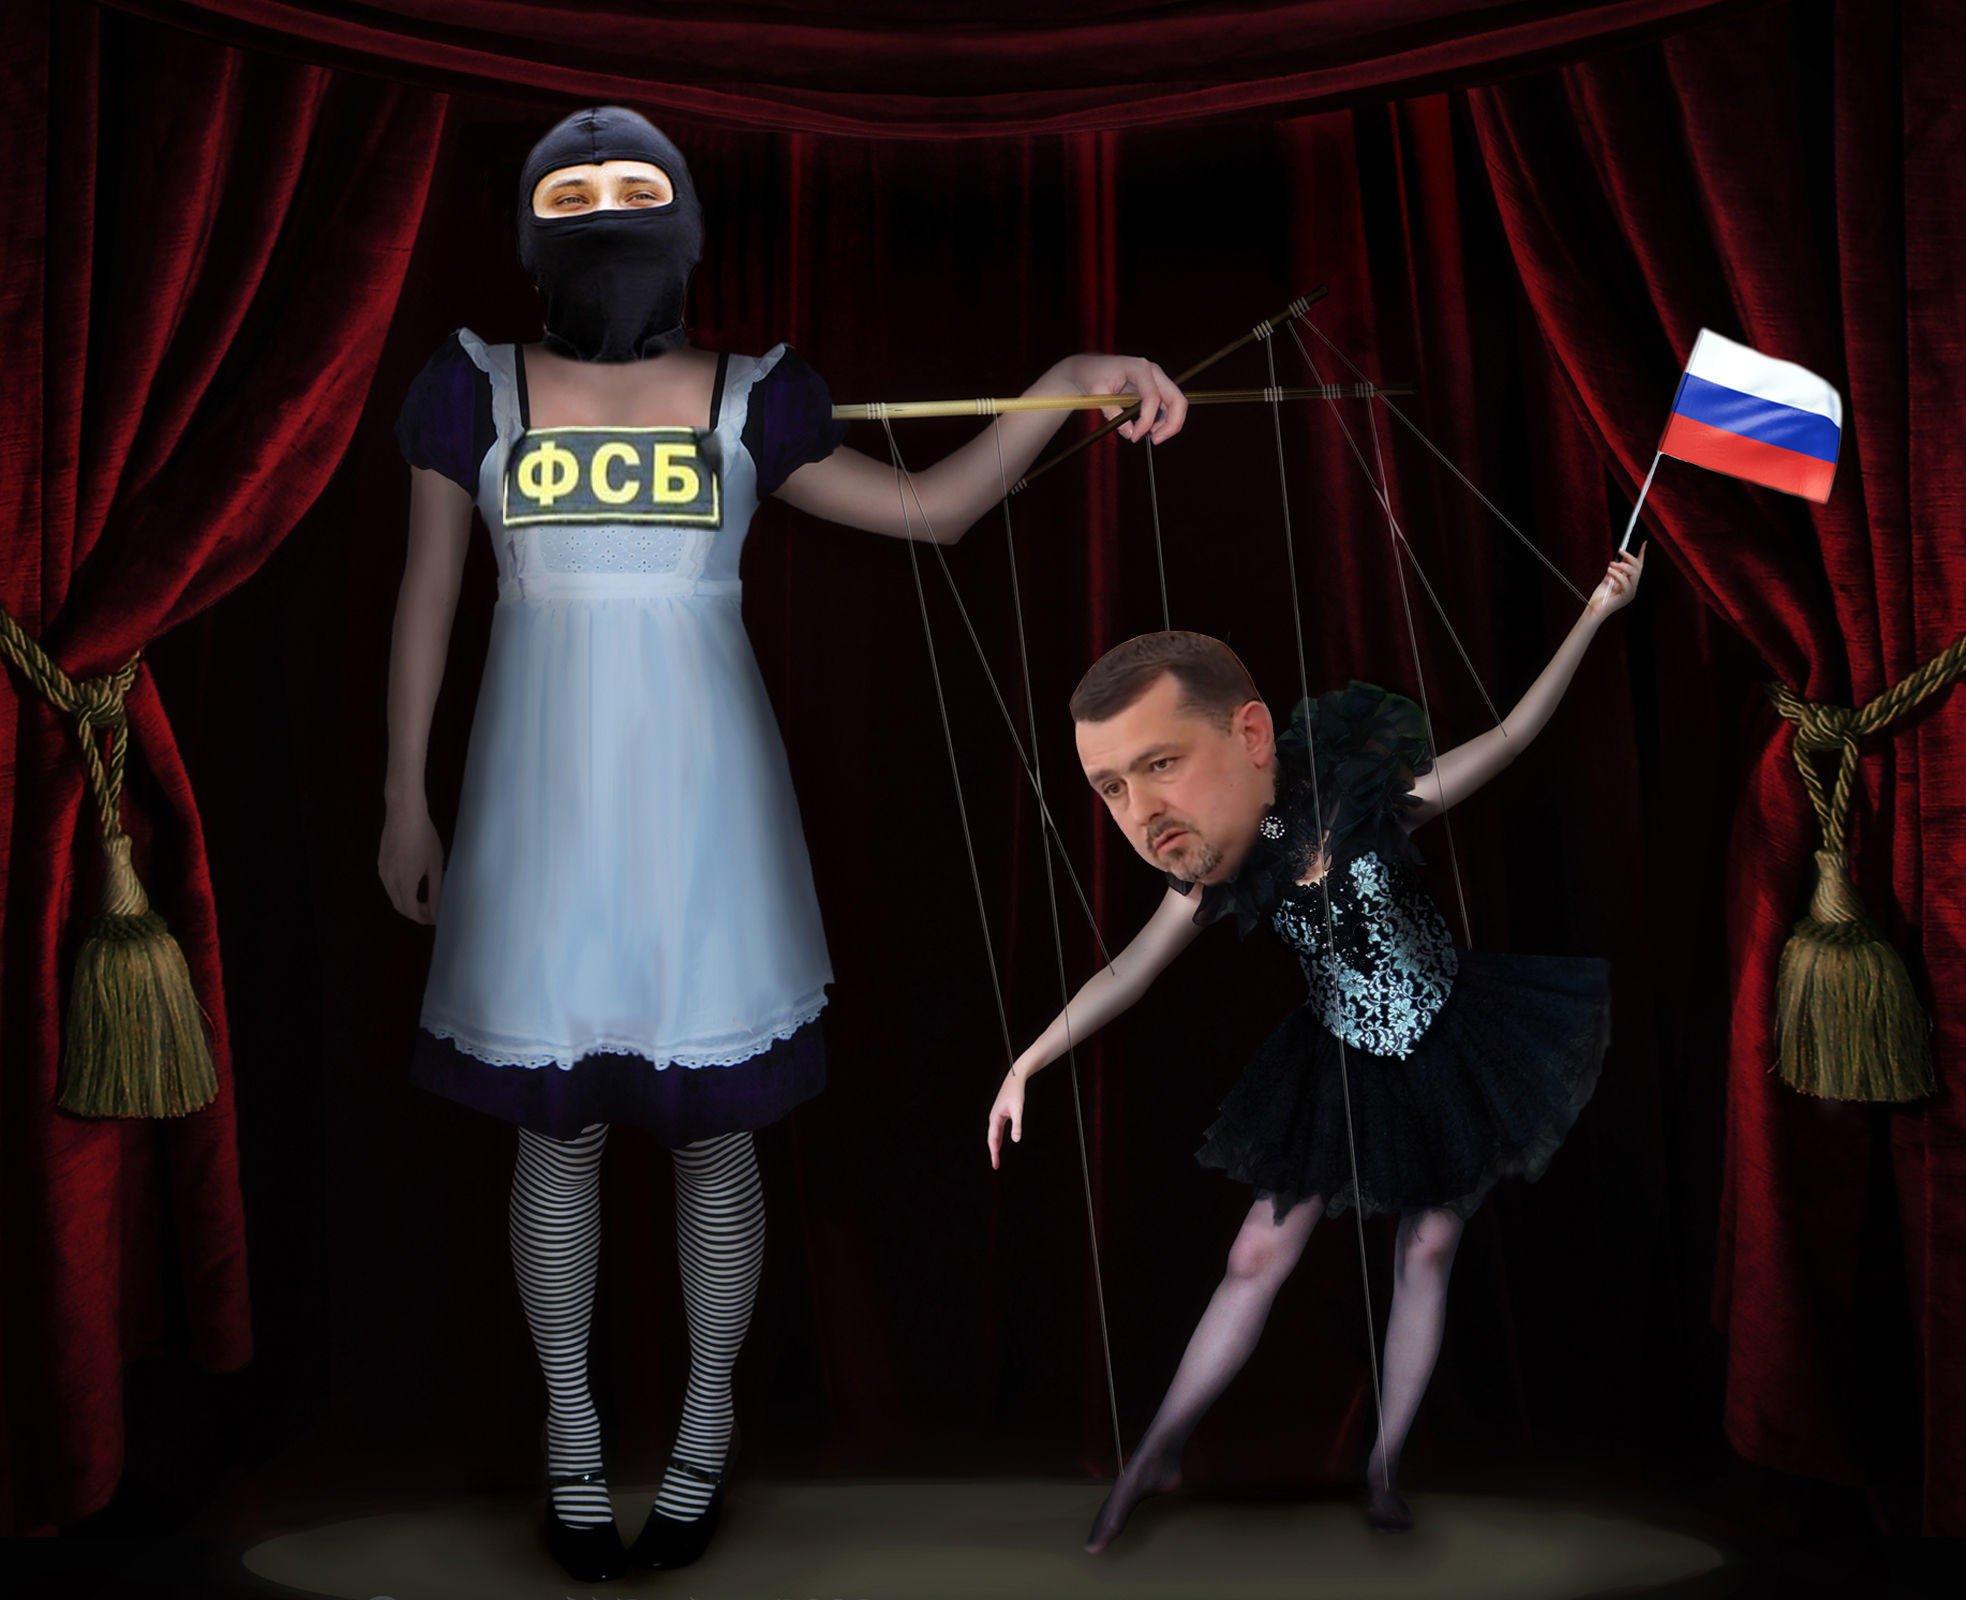 Сергей Семочко: сколько стоит подарок на день рождения от кремлевского куратора?